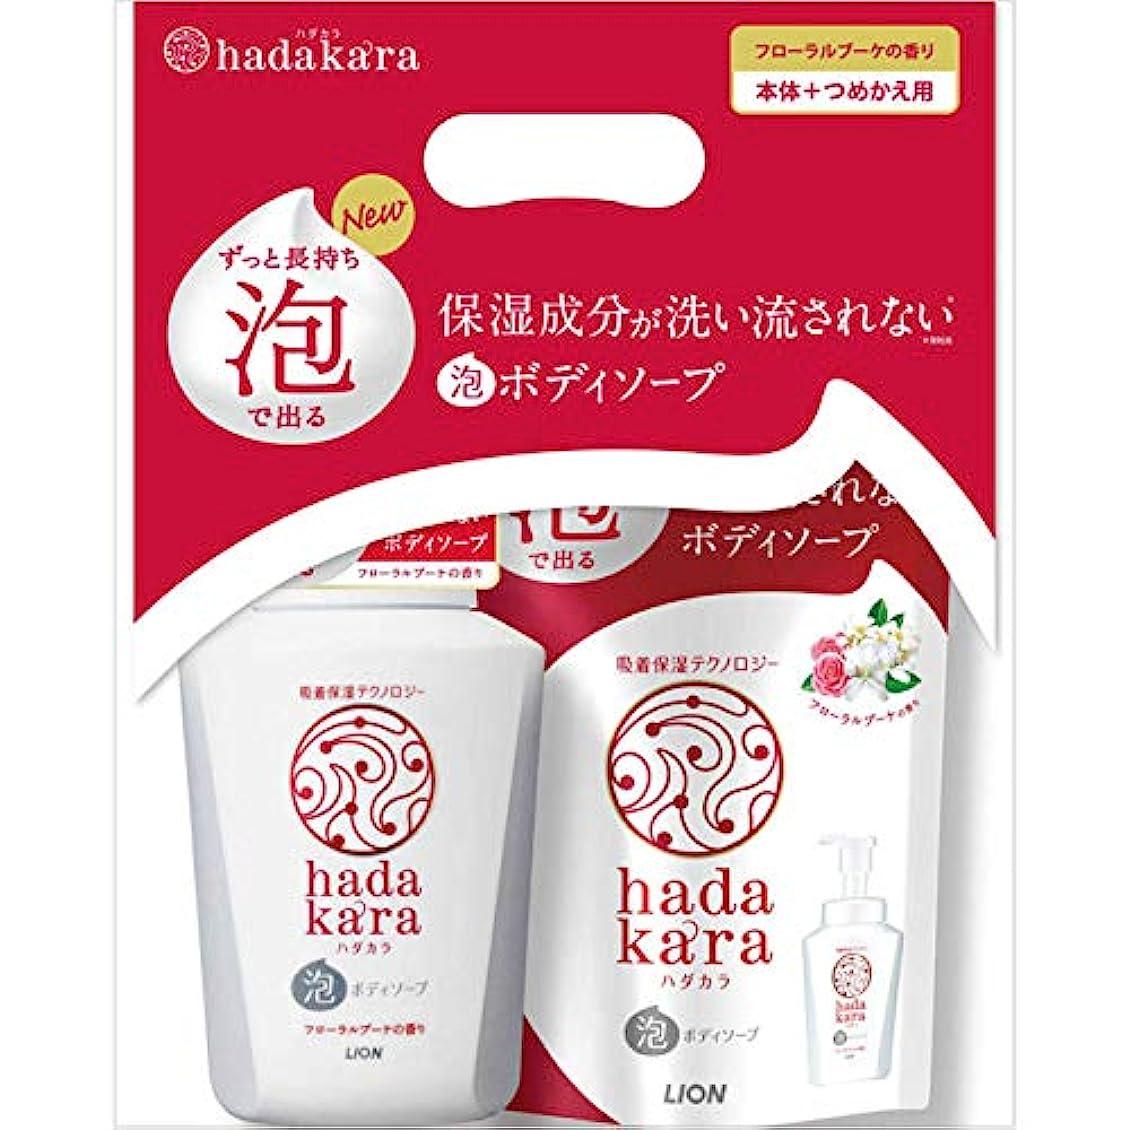 に沿って罰航空便ライオン hadakara泡タイプ 本体+詰替ペアパック フローラルブーケの香り セット